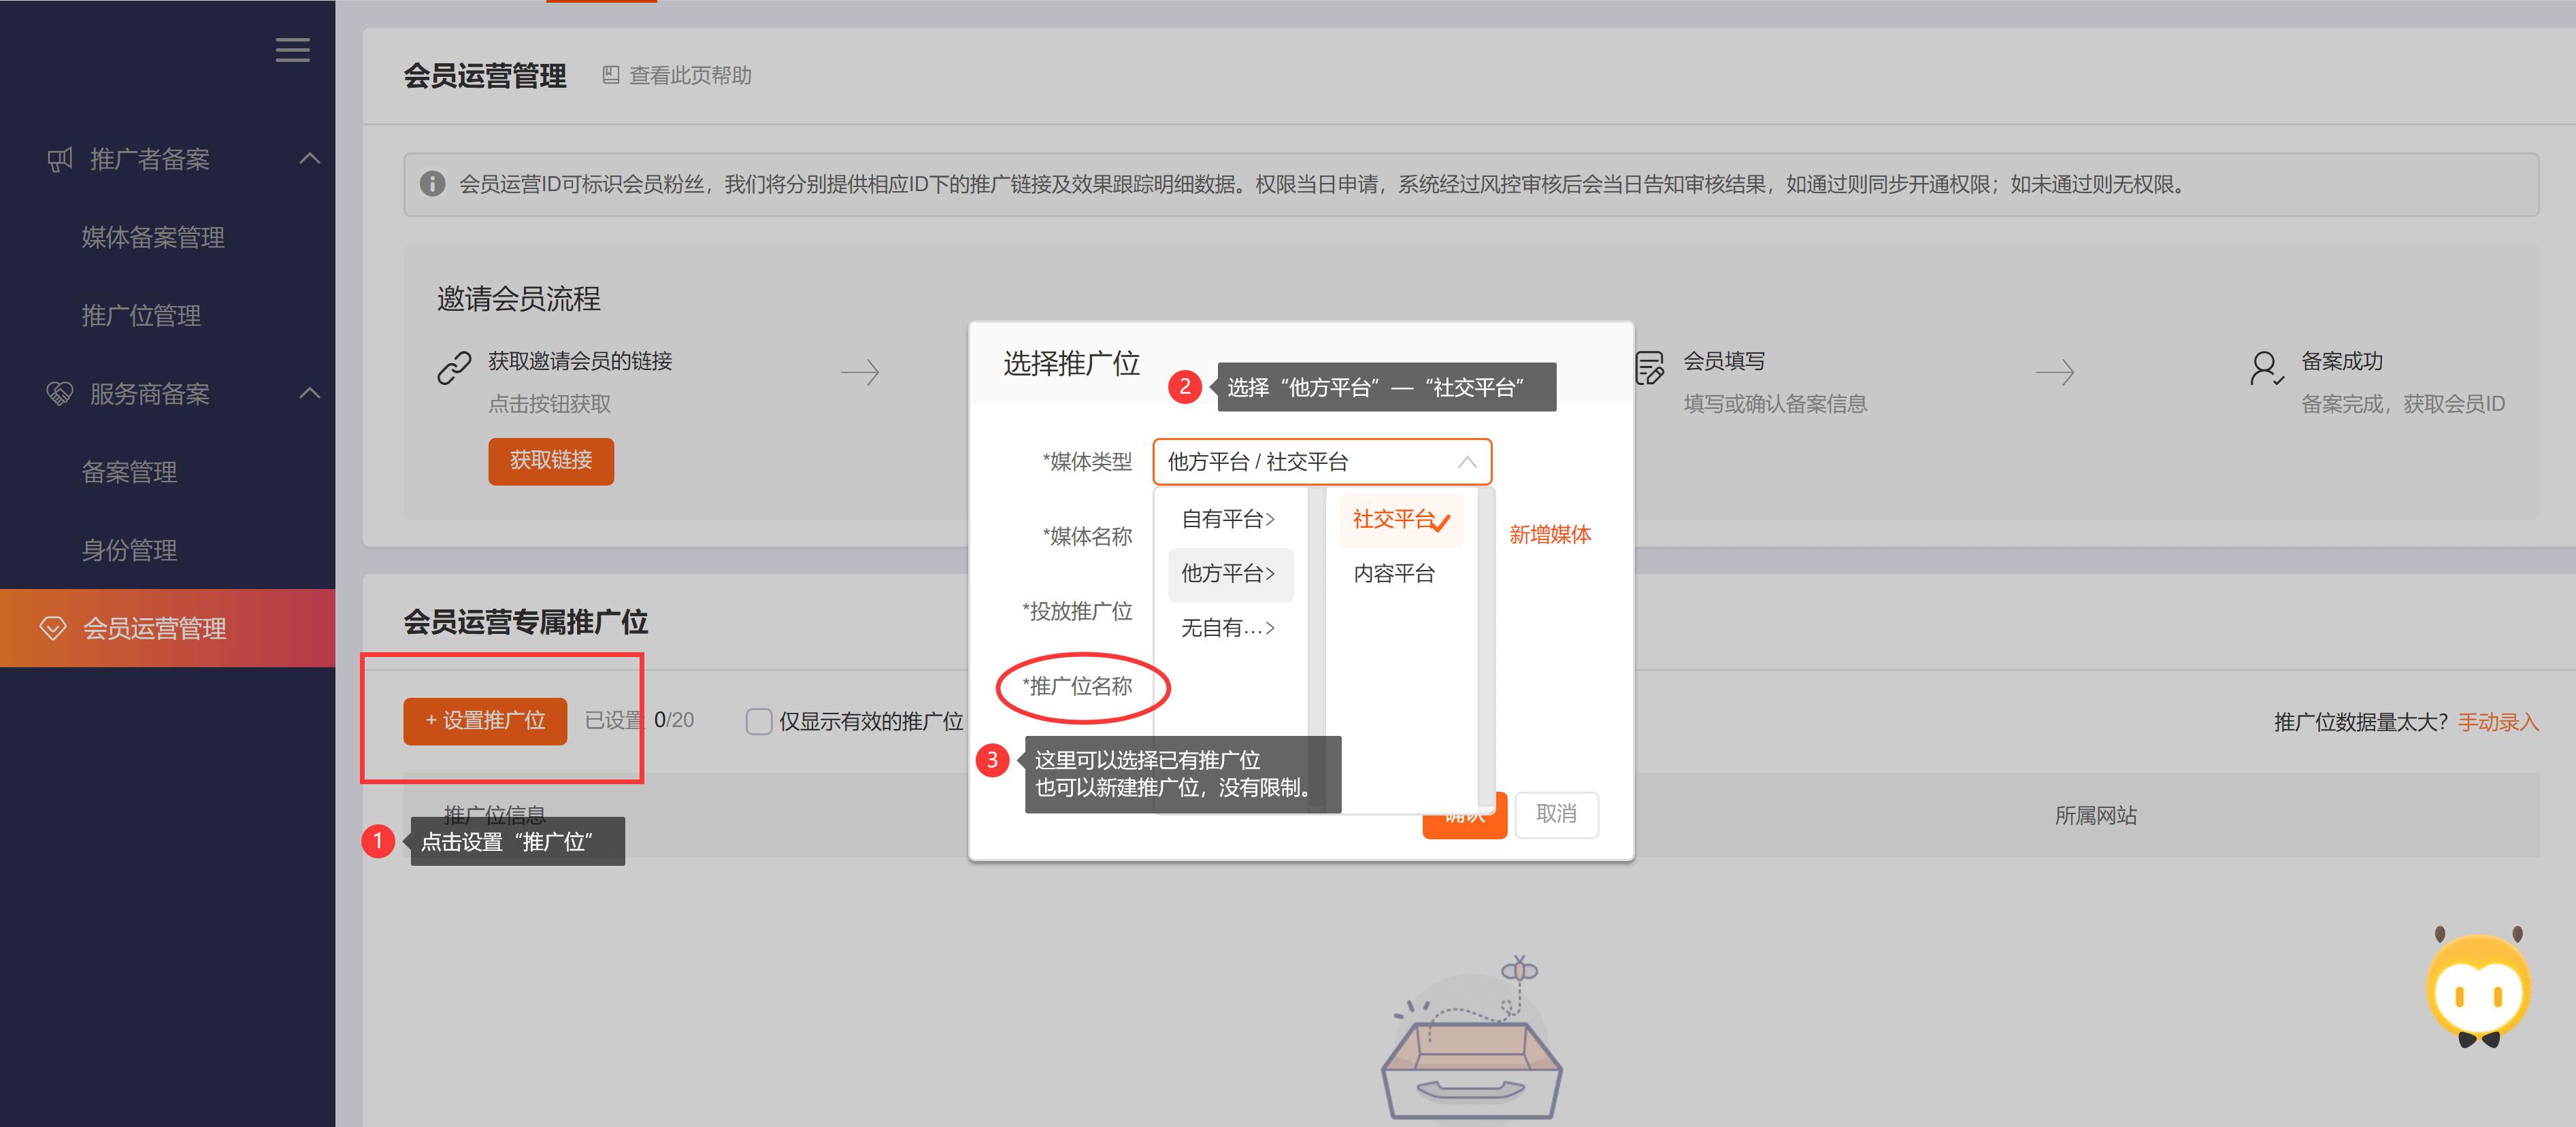 关于比价订单应对方法